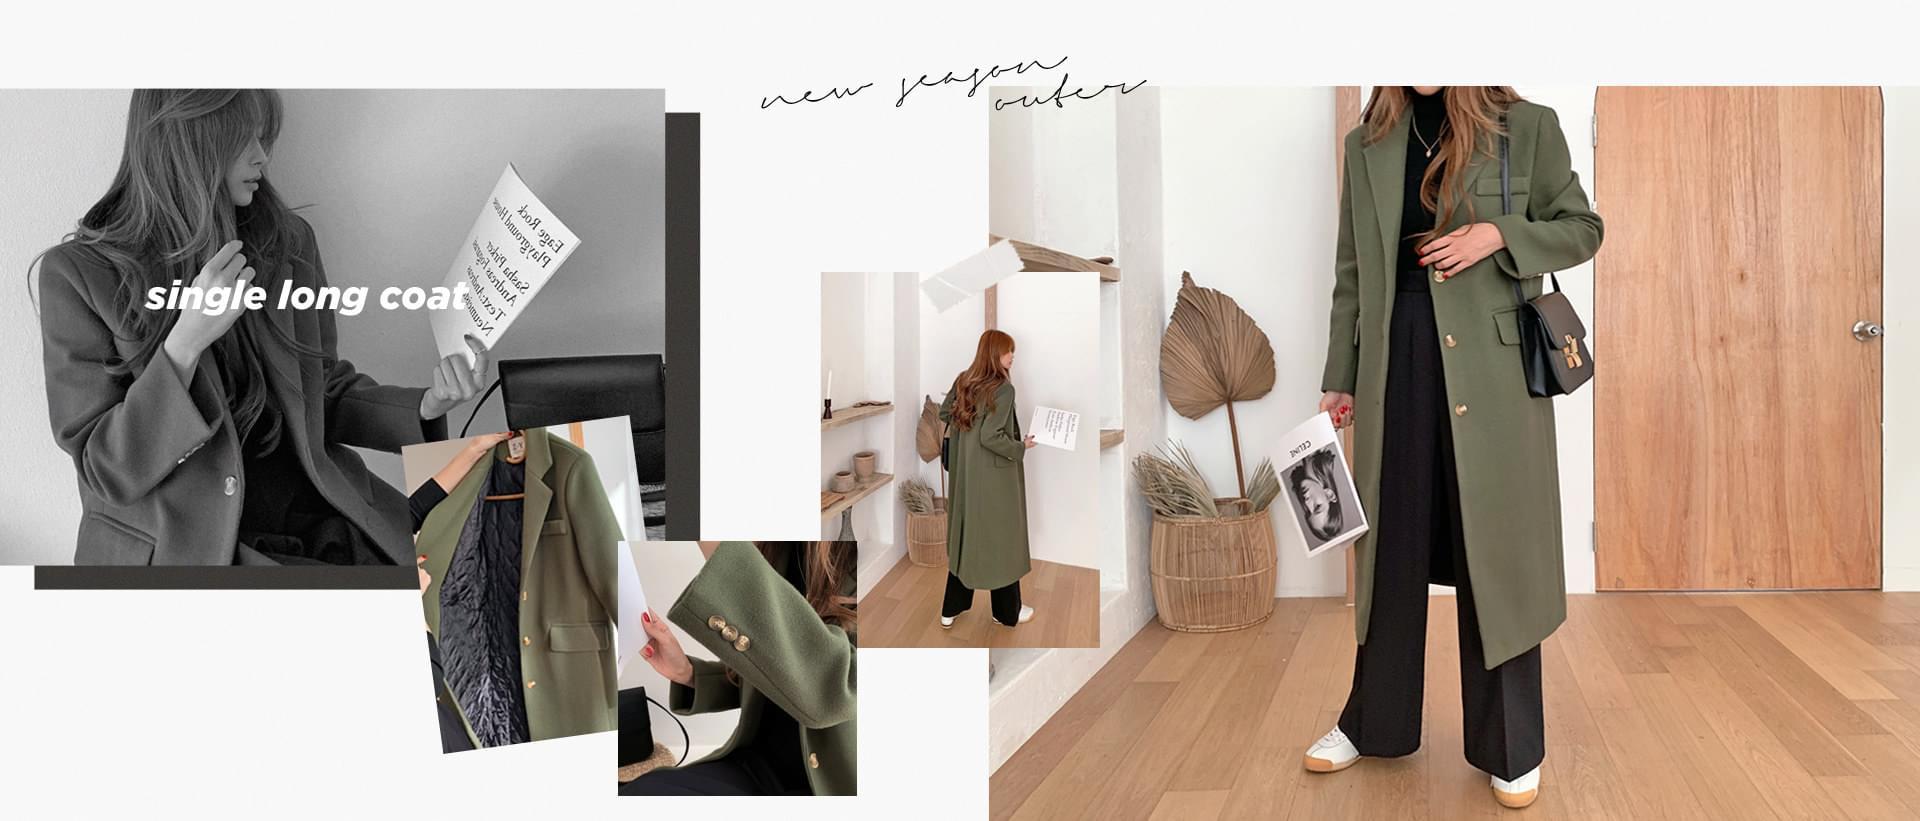 Mystic khaki single long coat